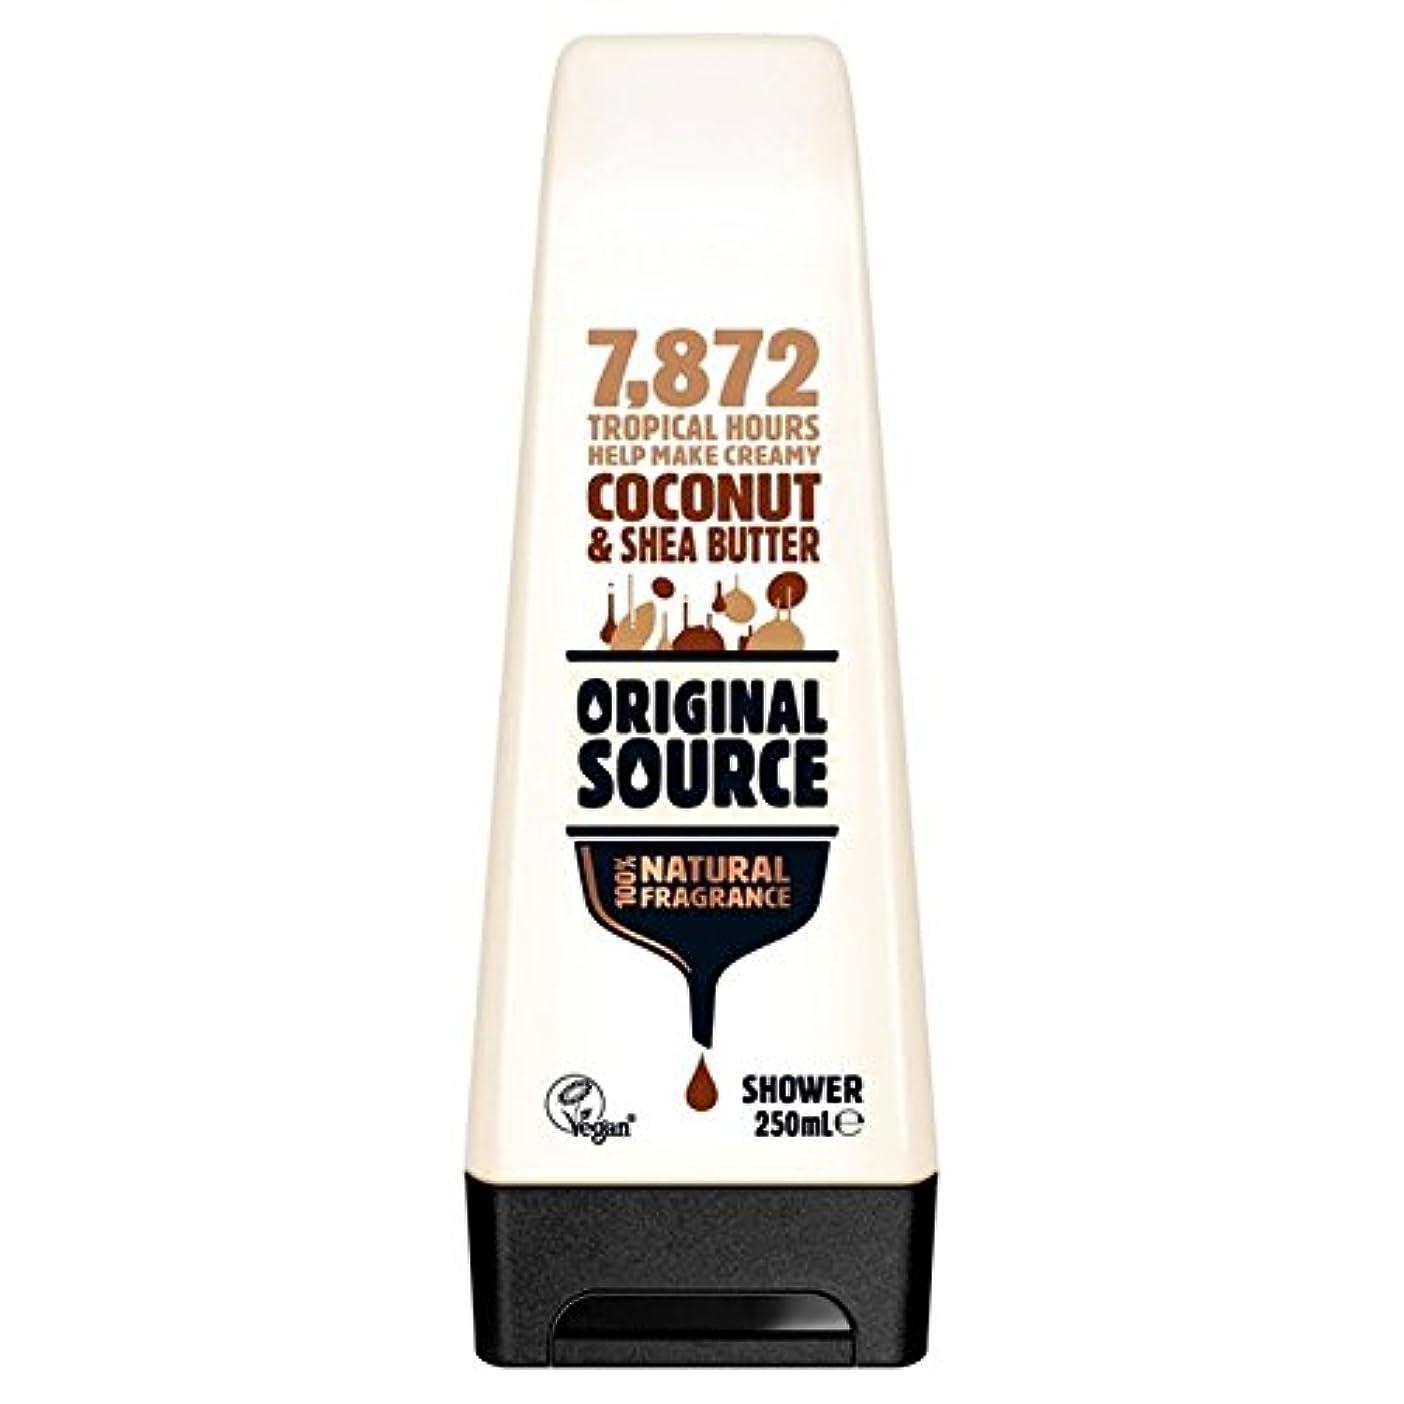 神秘的なスタッフ擬人化Original Source Moisturising Coconut & Shea Butter Shower Gel 250ml (Pack of 6) - 元のソース保湿ココナッツ&シアバターシャワージェル250...